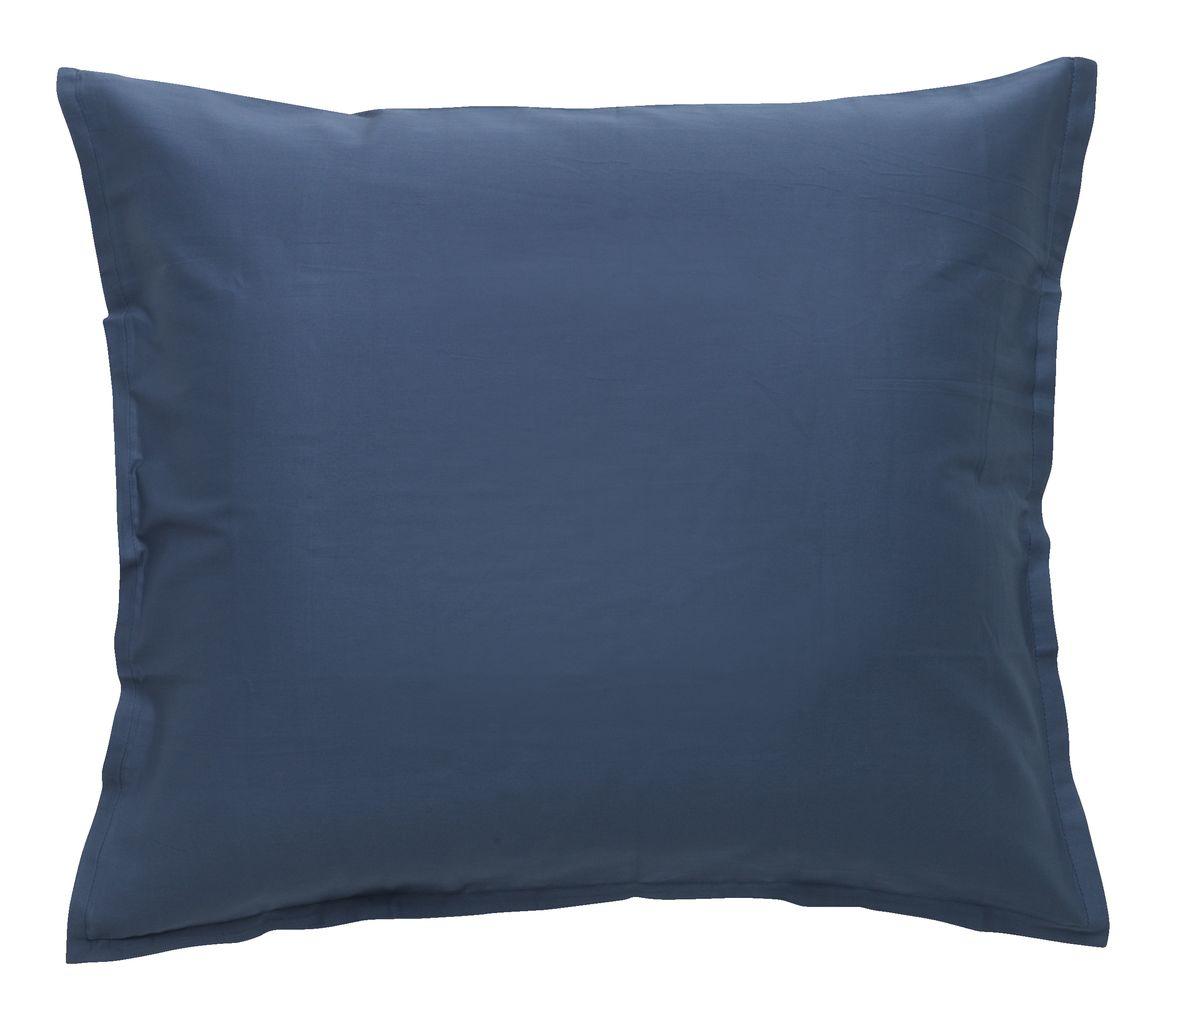 pudebetræk jysk Pudebetræk satin 60x63/70cm blå KRONB| JYSK pudebetræk jysk